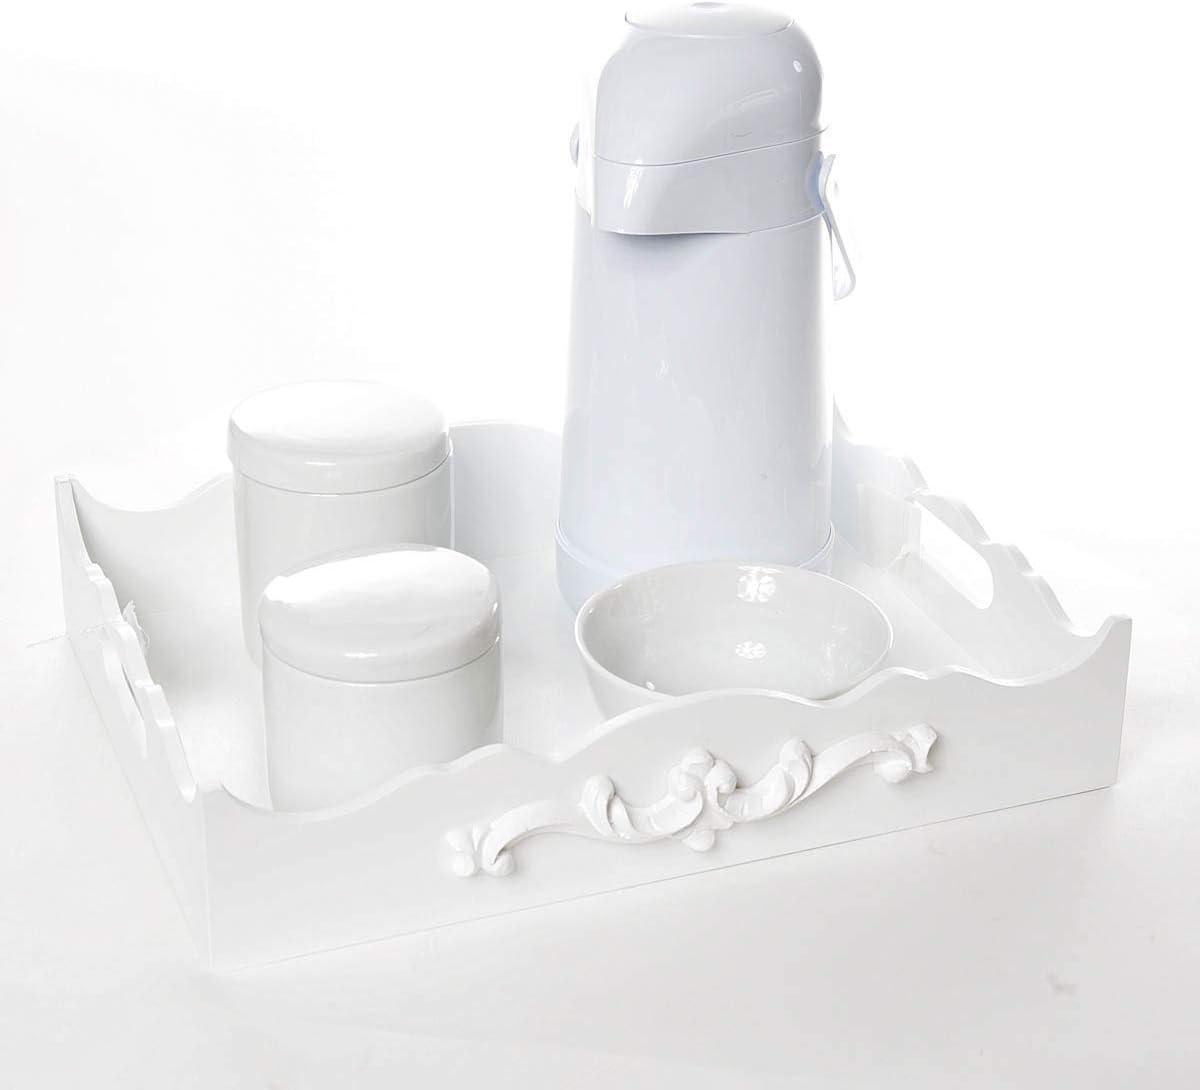 Kit Higiene, Arabesco